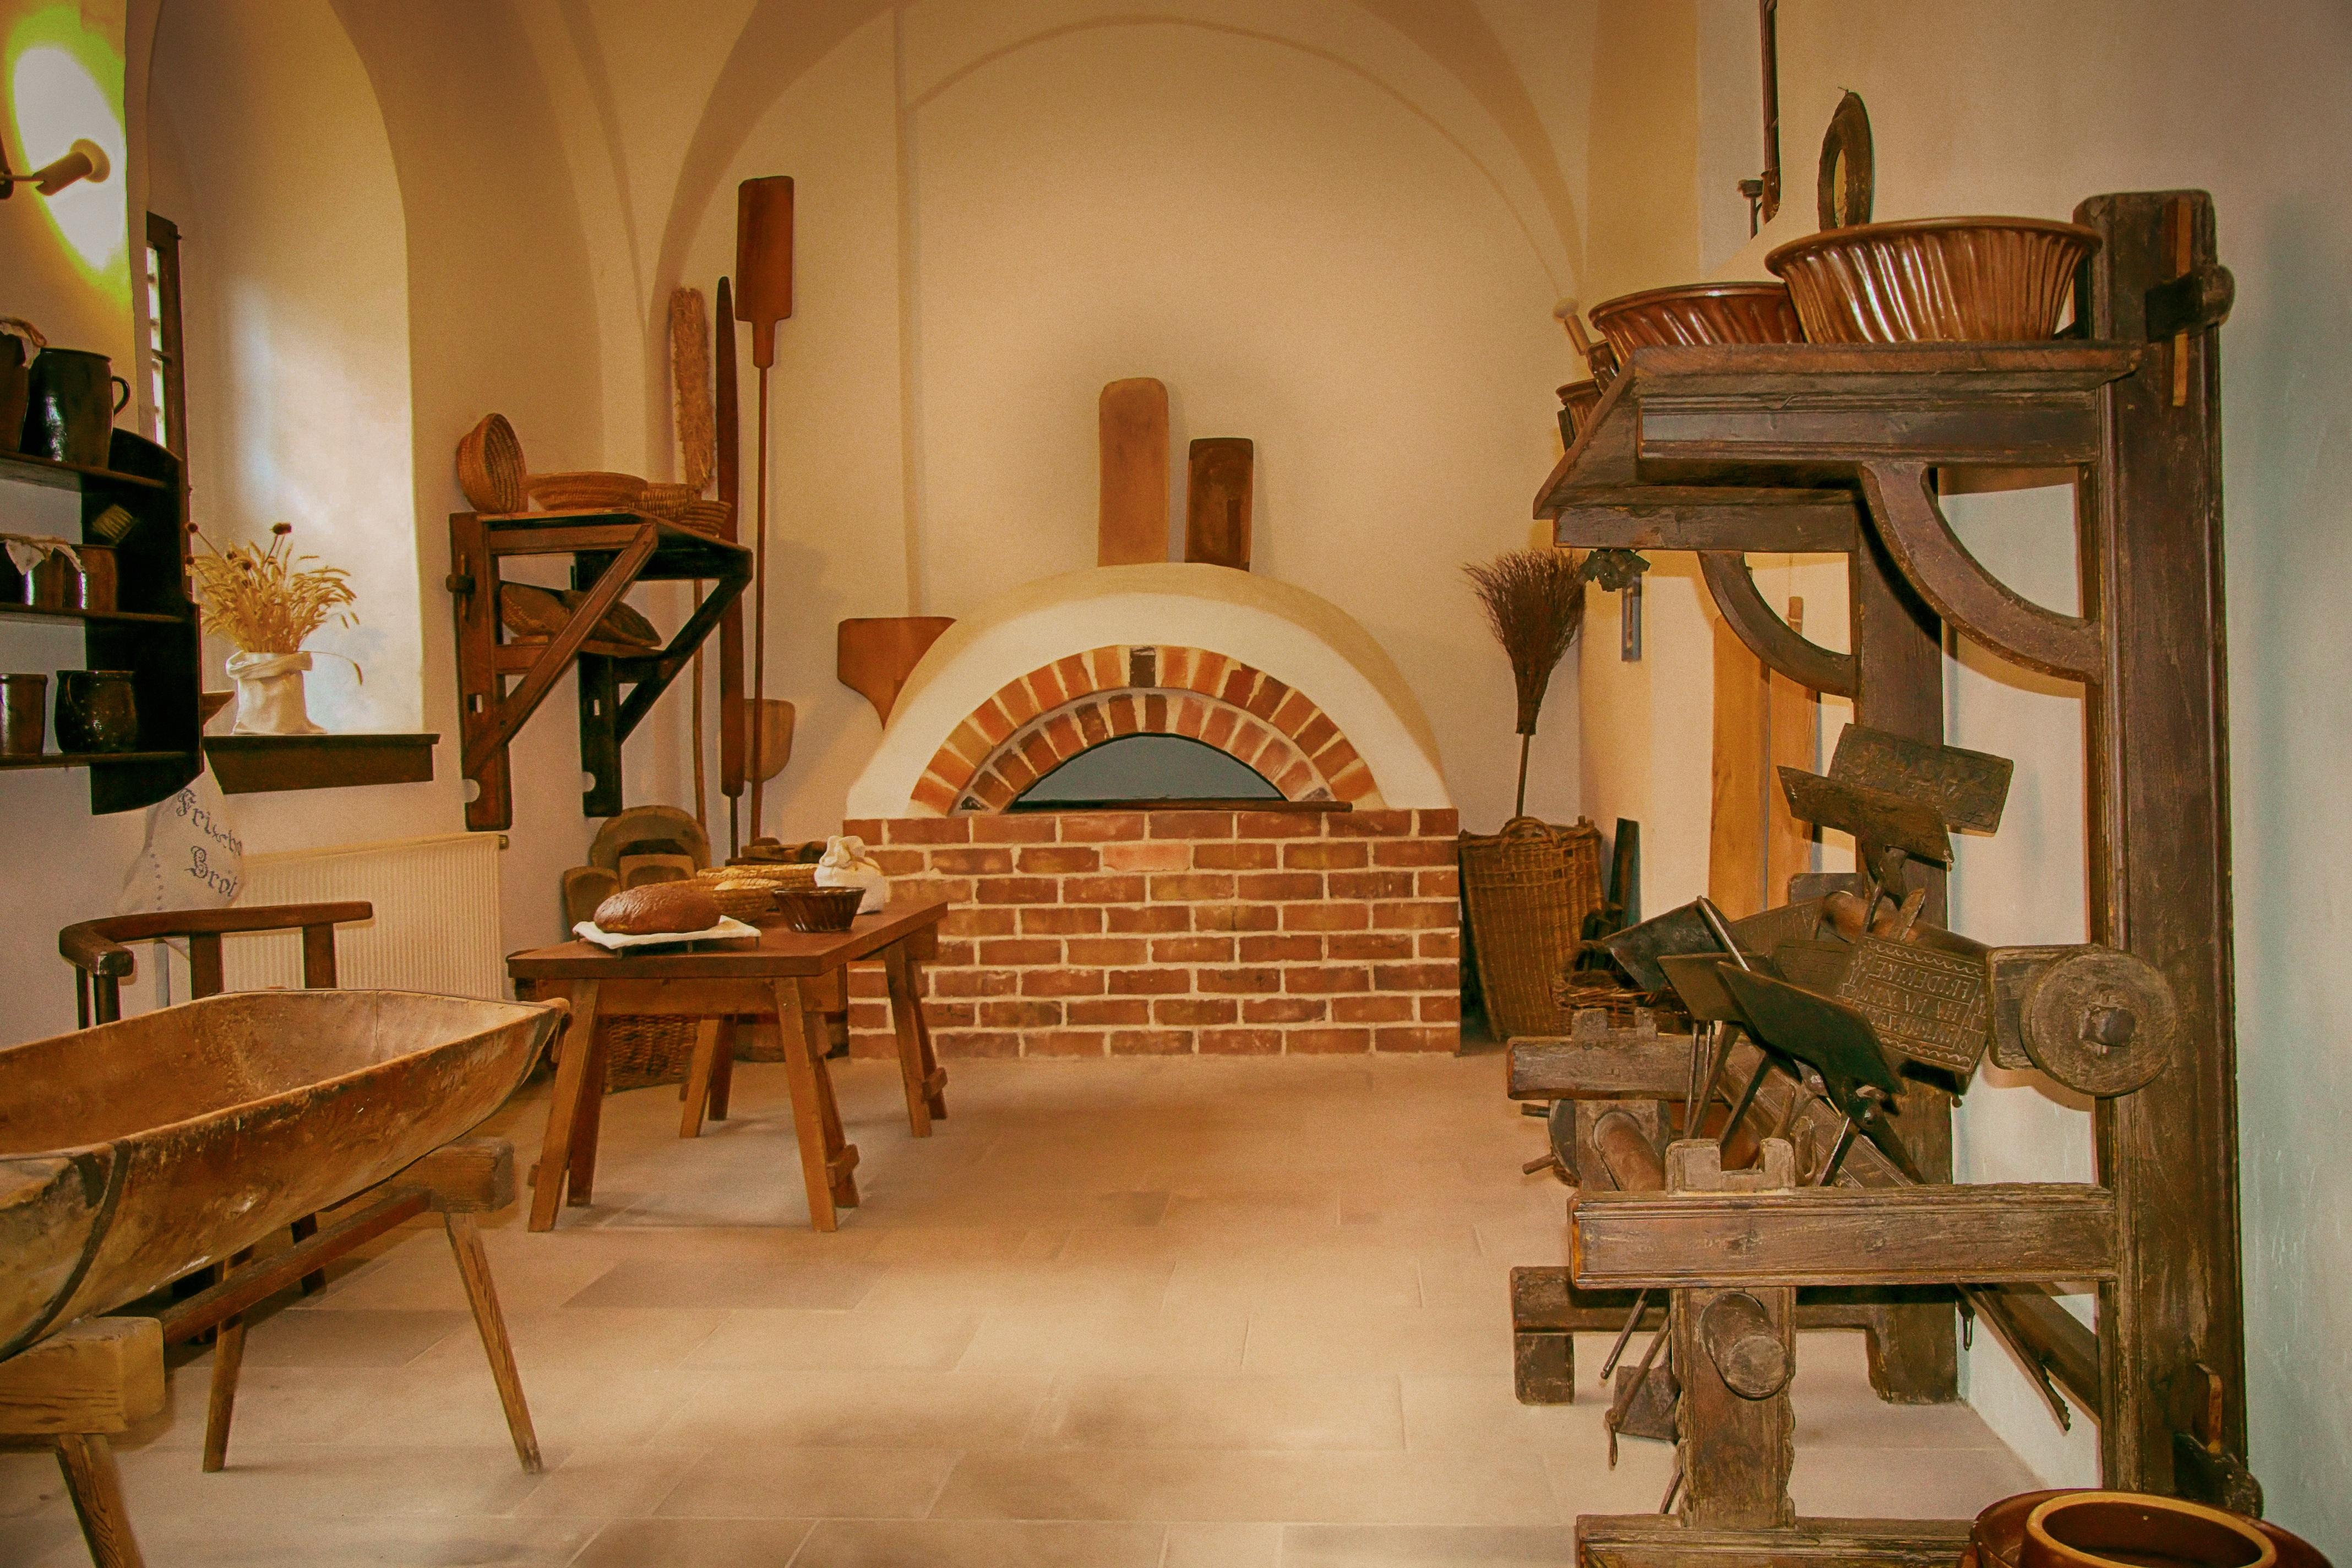 Extrêmement Images Gratuites : bois, villa, Manoir, maison, bâtiment, musée  AZ37